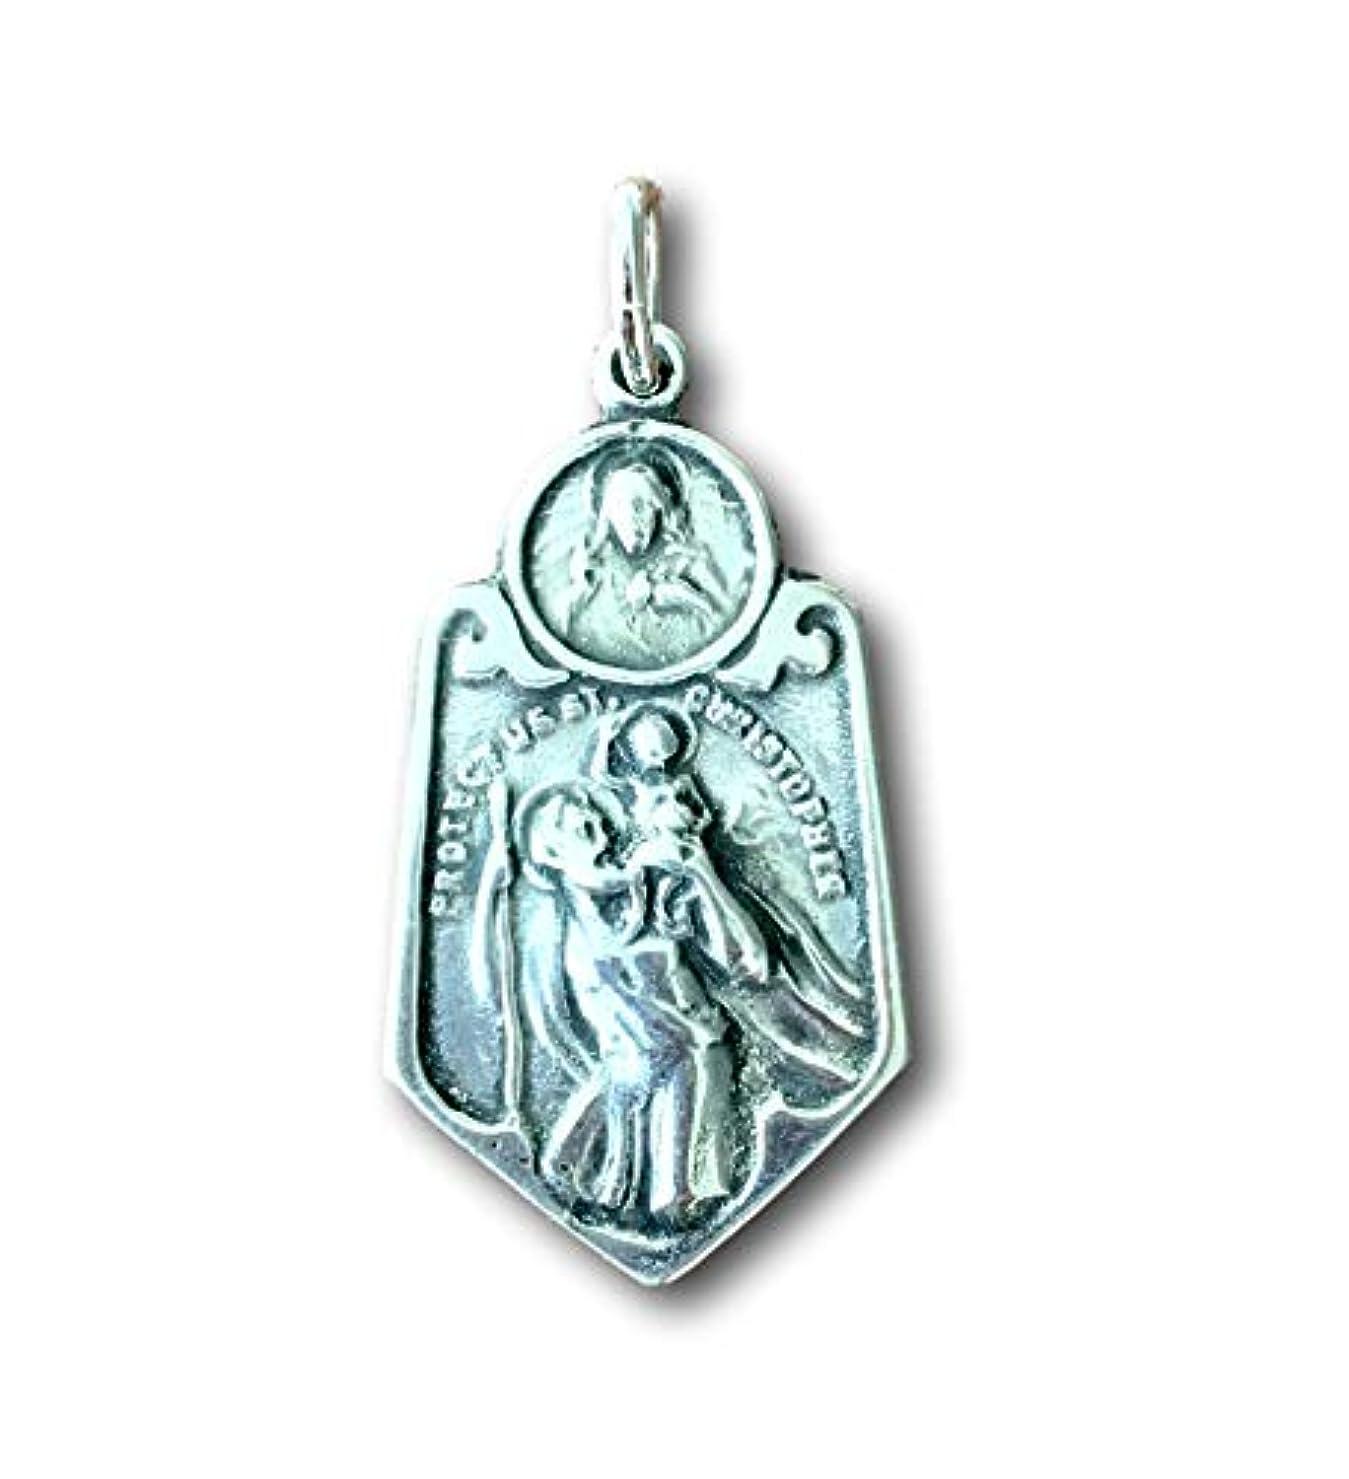 誕生日メリー領事館STクリストファー?Scapular Medal – travelers-の守護Antique Reproduction シルバー